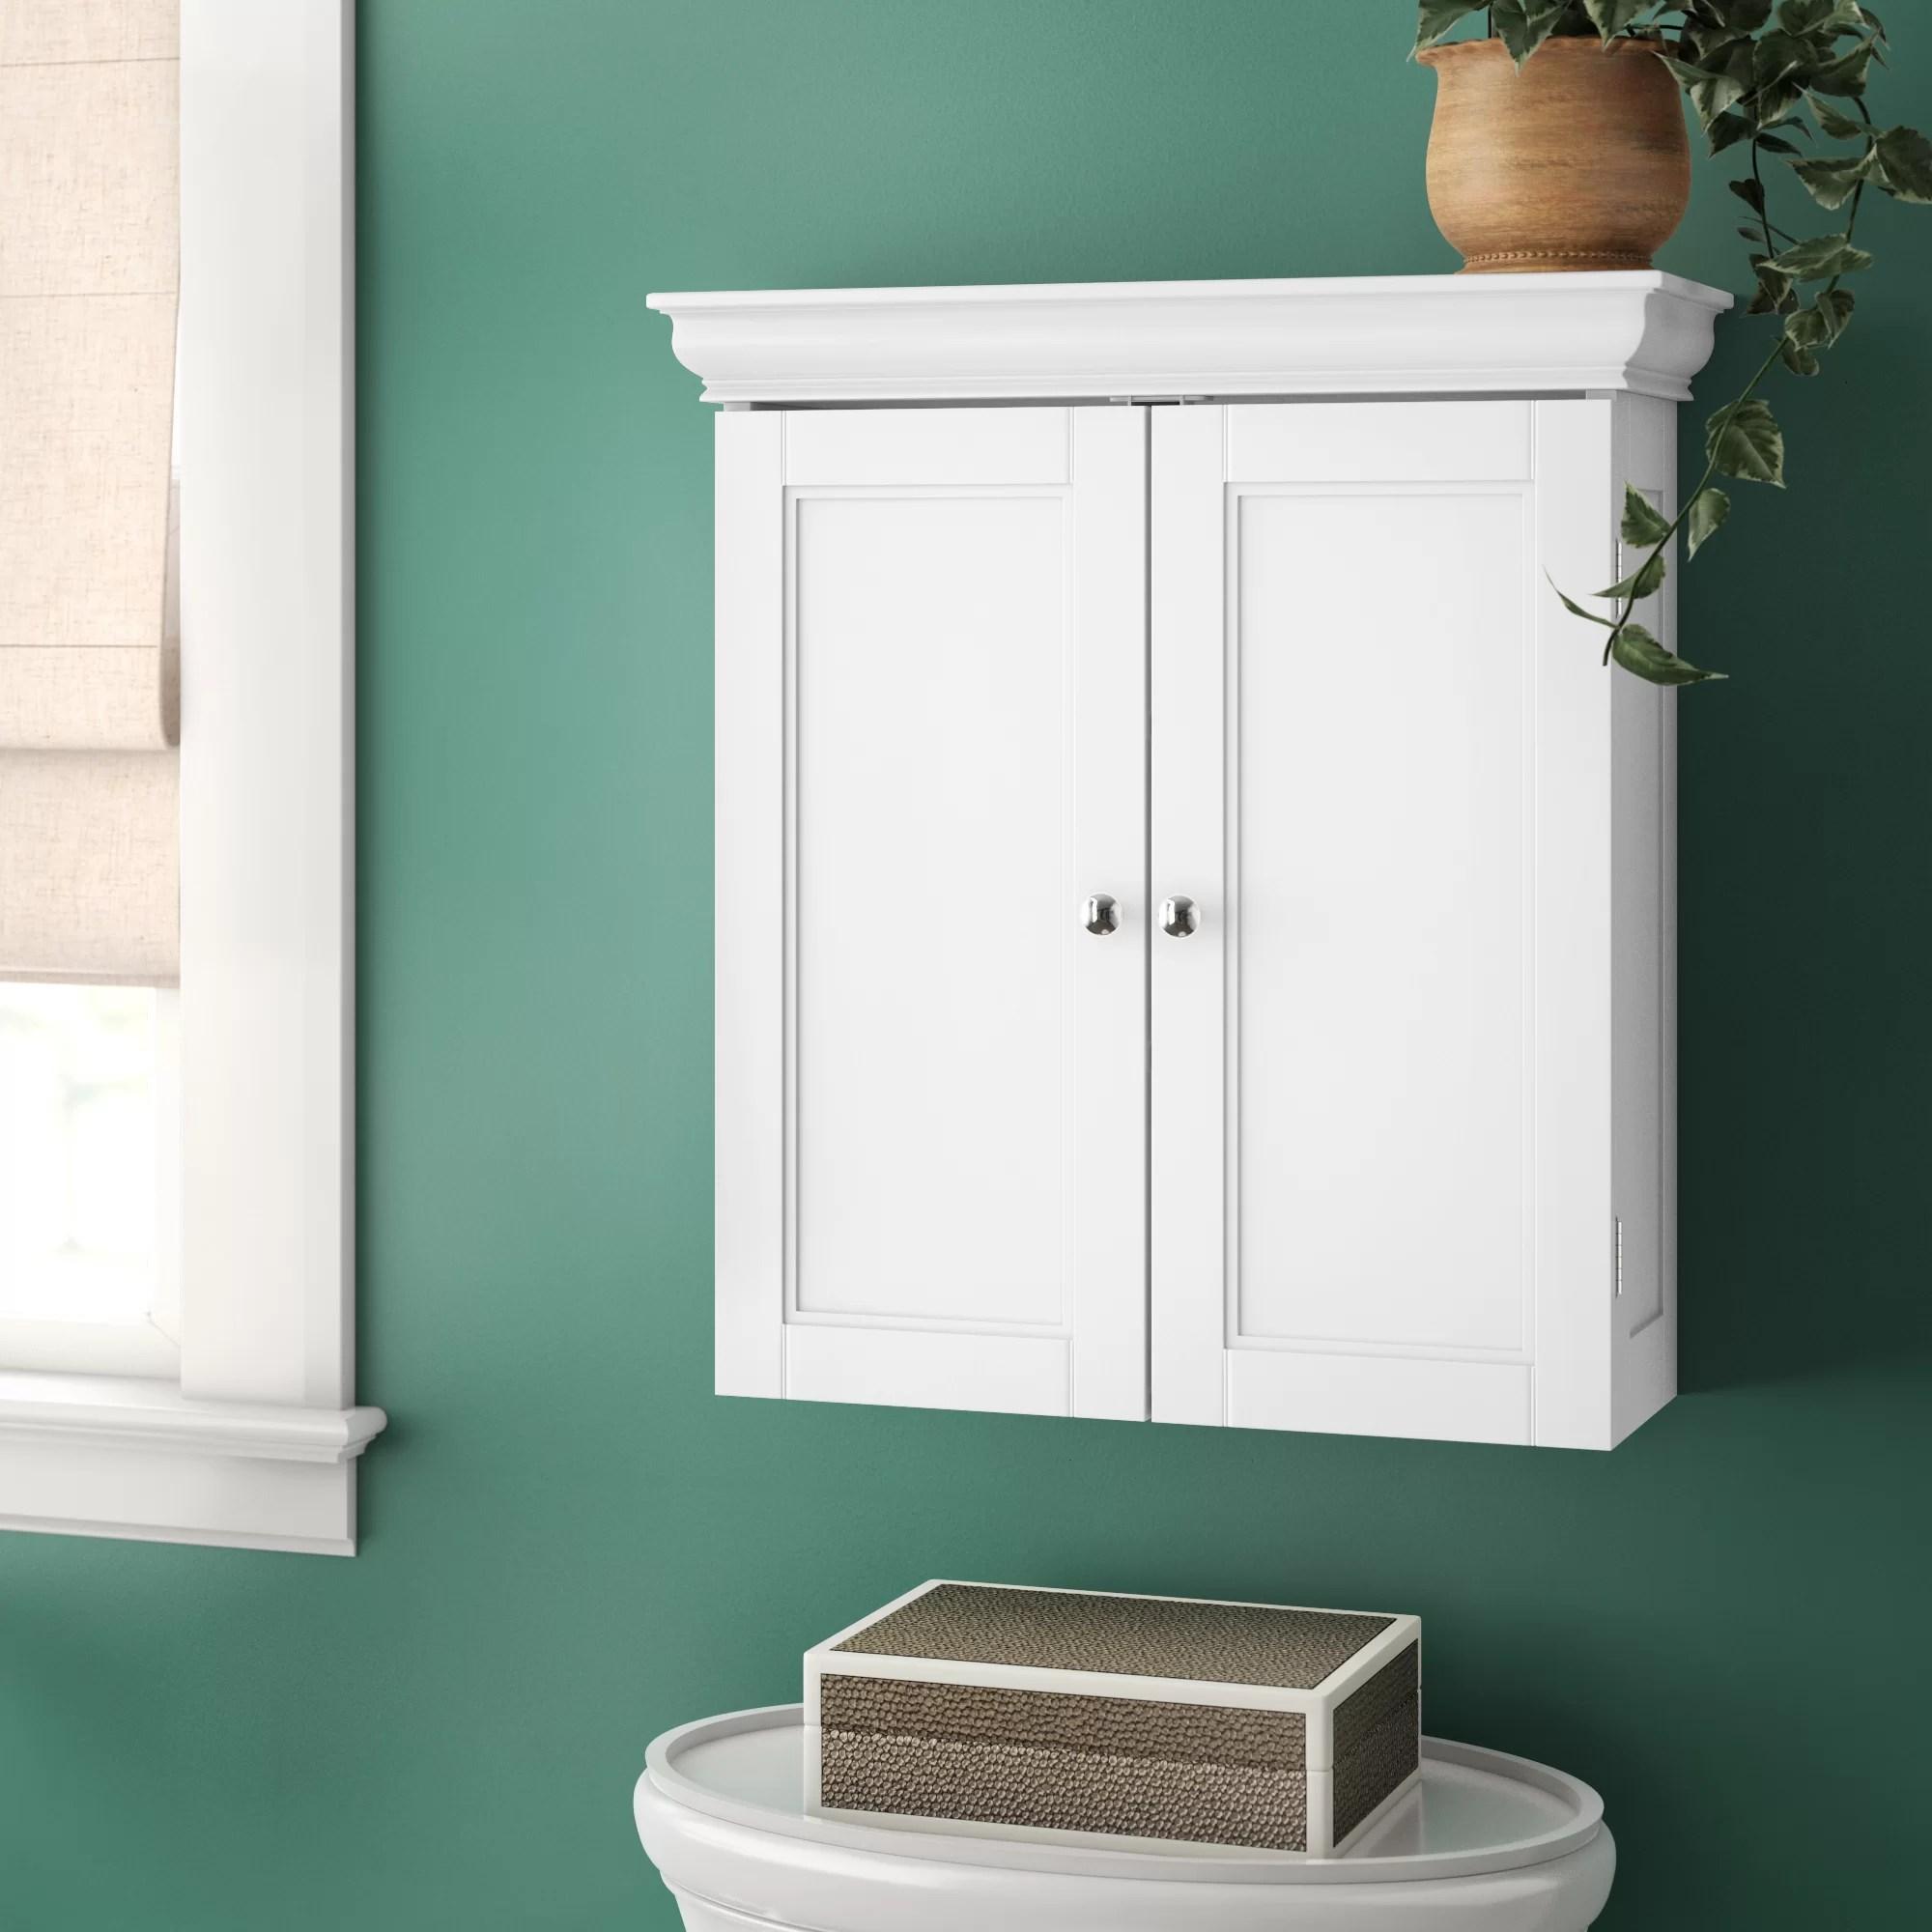 Wall Mounted Bathroom Cabinets Wayfair